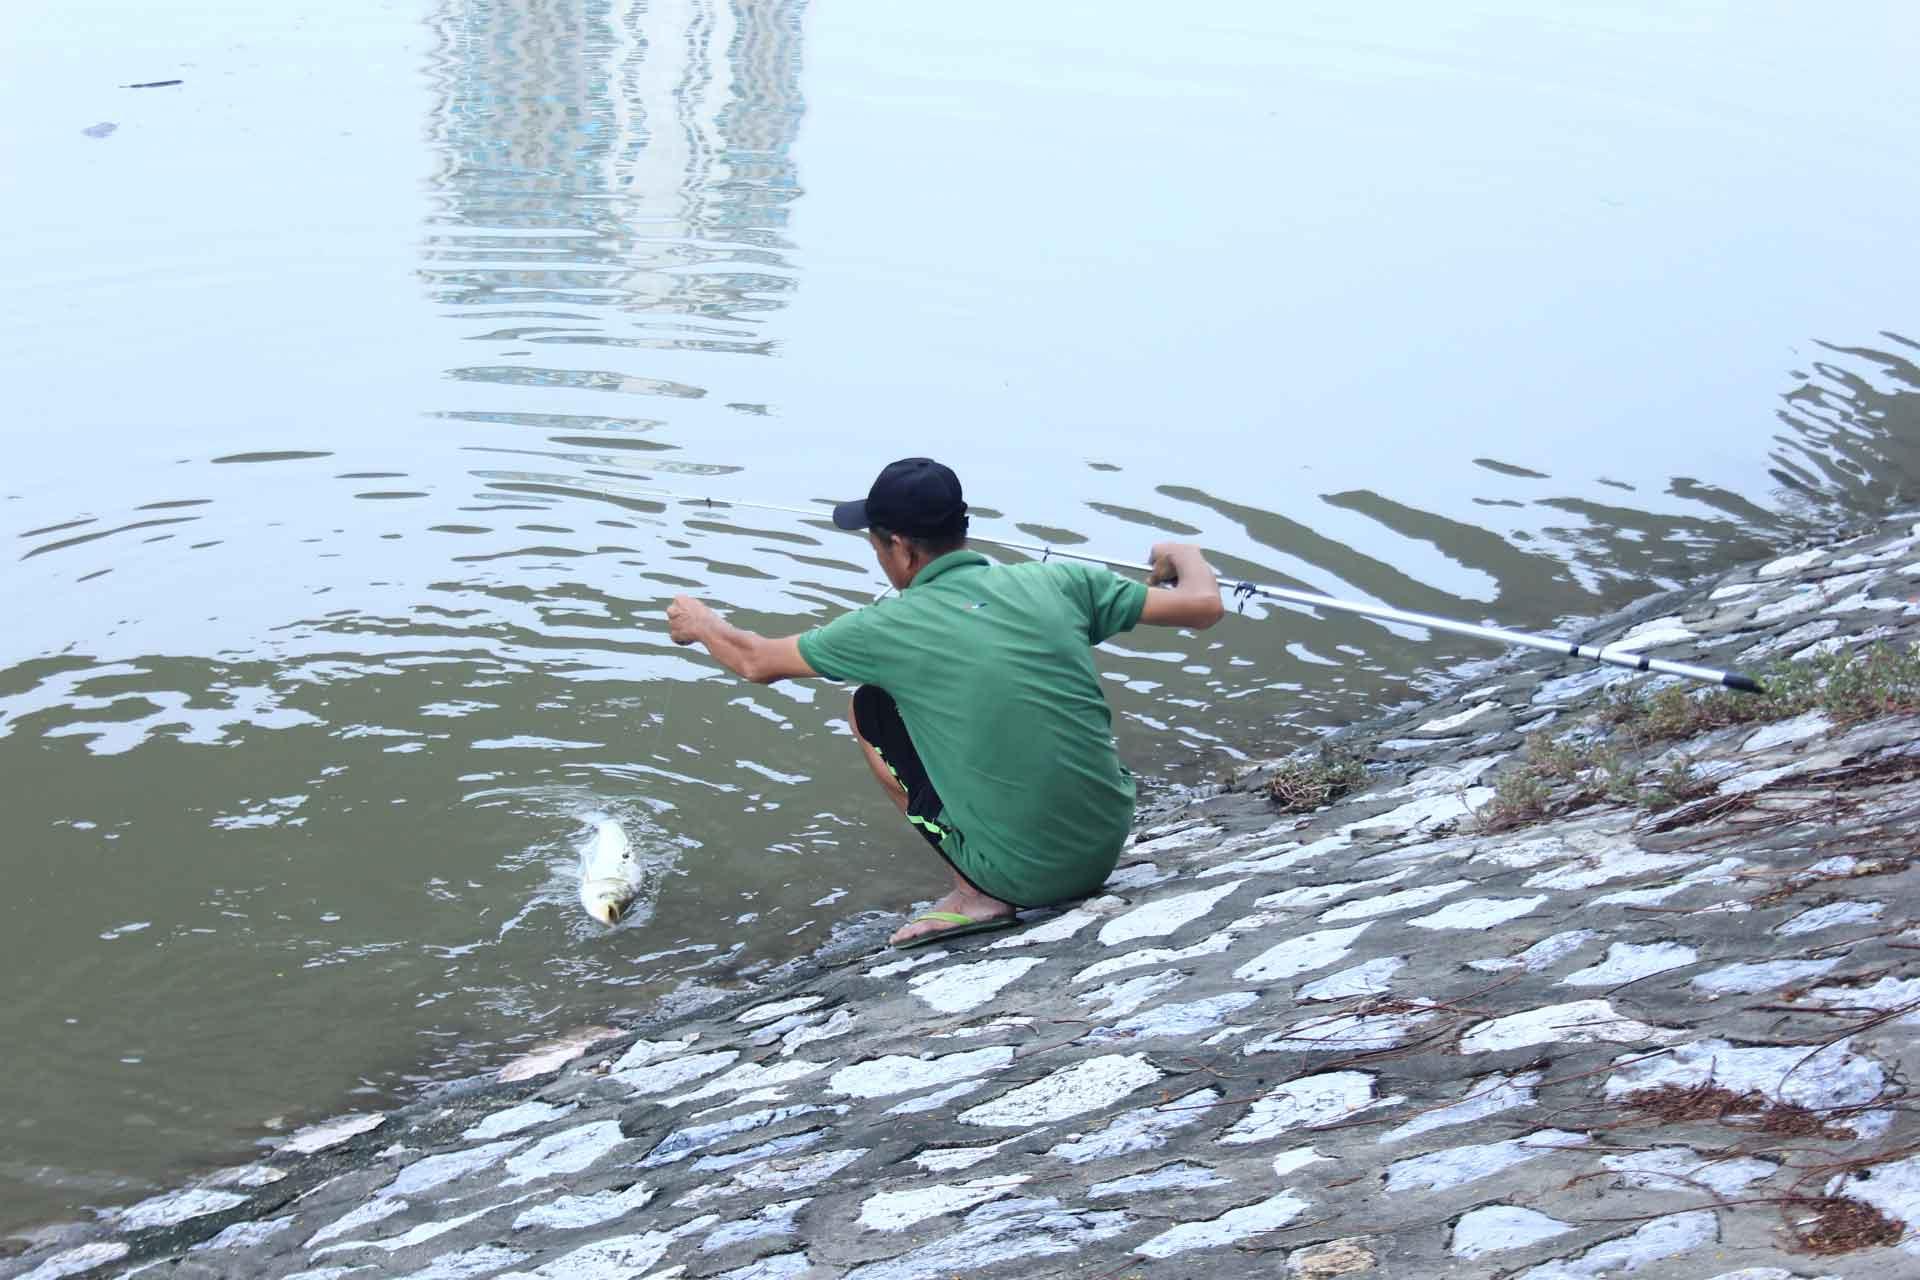 Hình ảnh Tan bão, người dân Thủ đô vác ngư cụ ra sông Tô Lịch bắt cá số 2